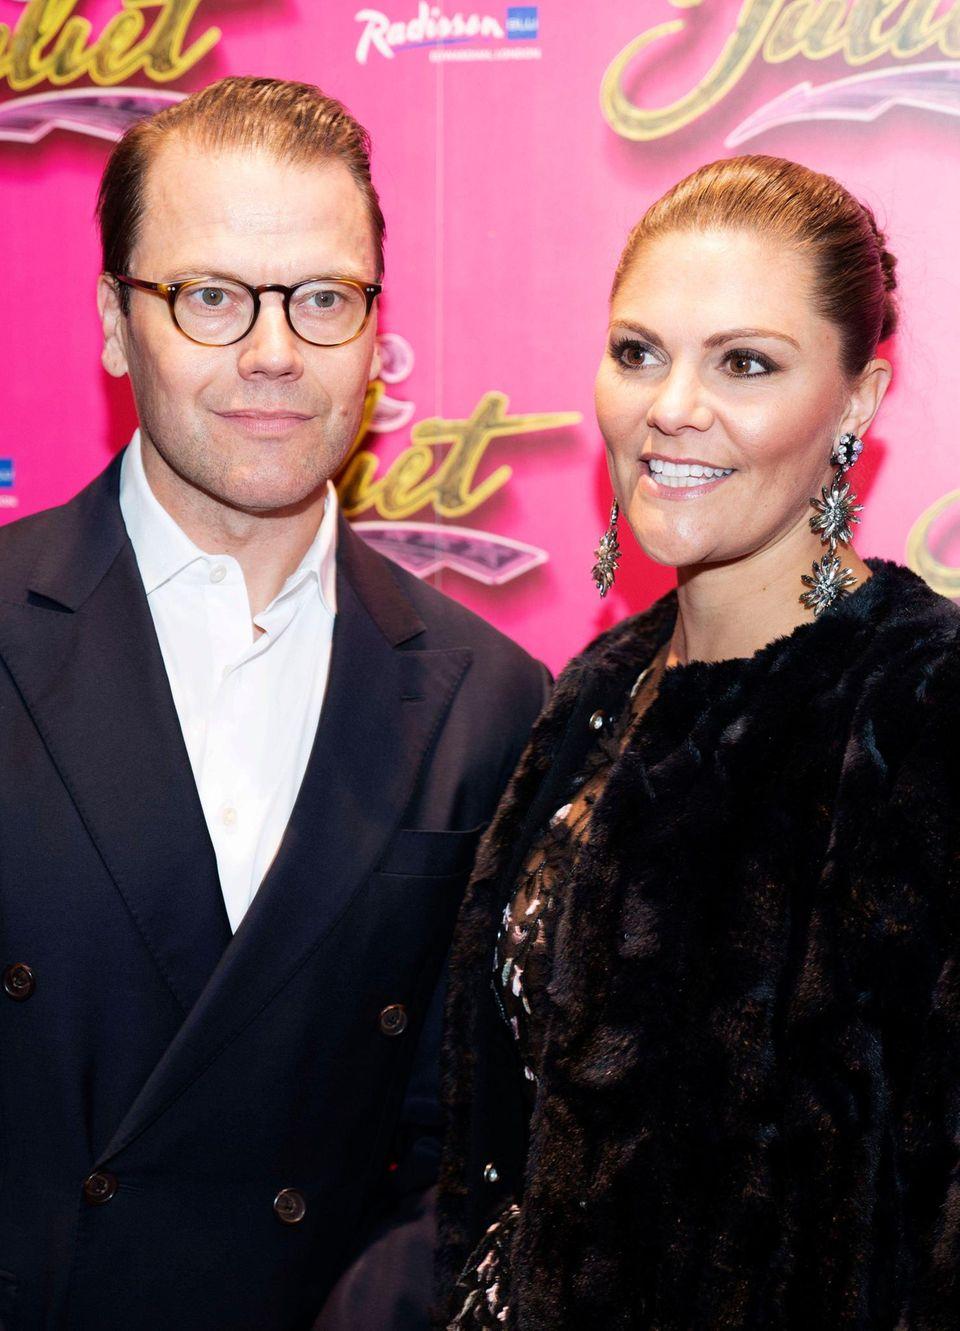 """20. November 2019  Star-Appeal trifft auf royalen Glamour: Prinz Daniel und Prinzessin Victoria mischen sichbei der """"& Juliet"""" Premiere im Shaftesbury Theatre in London unter die prominenten Gäste."""